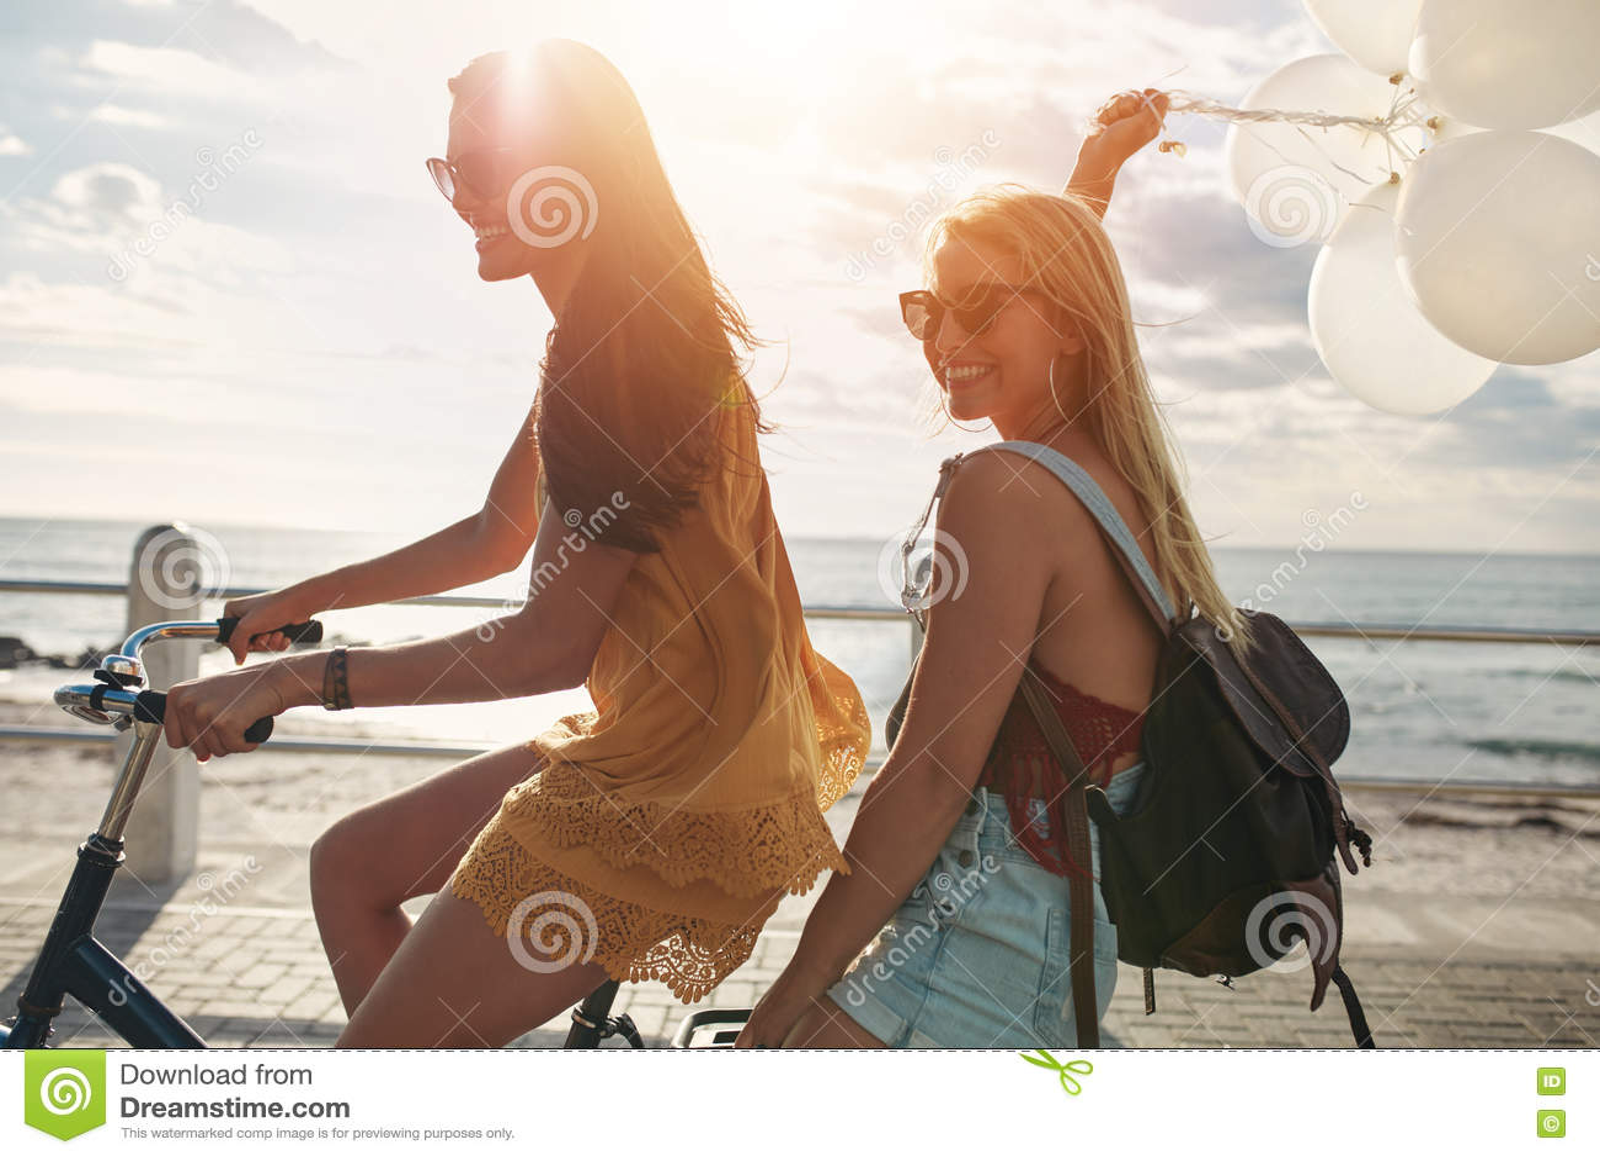 Glückliche junge Frauen auf Fahrrad zusammen mit Ballonen